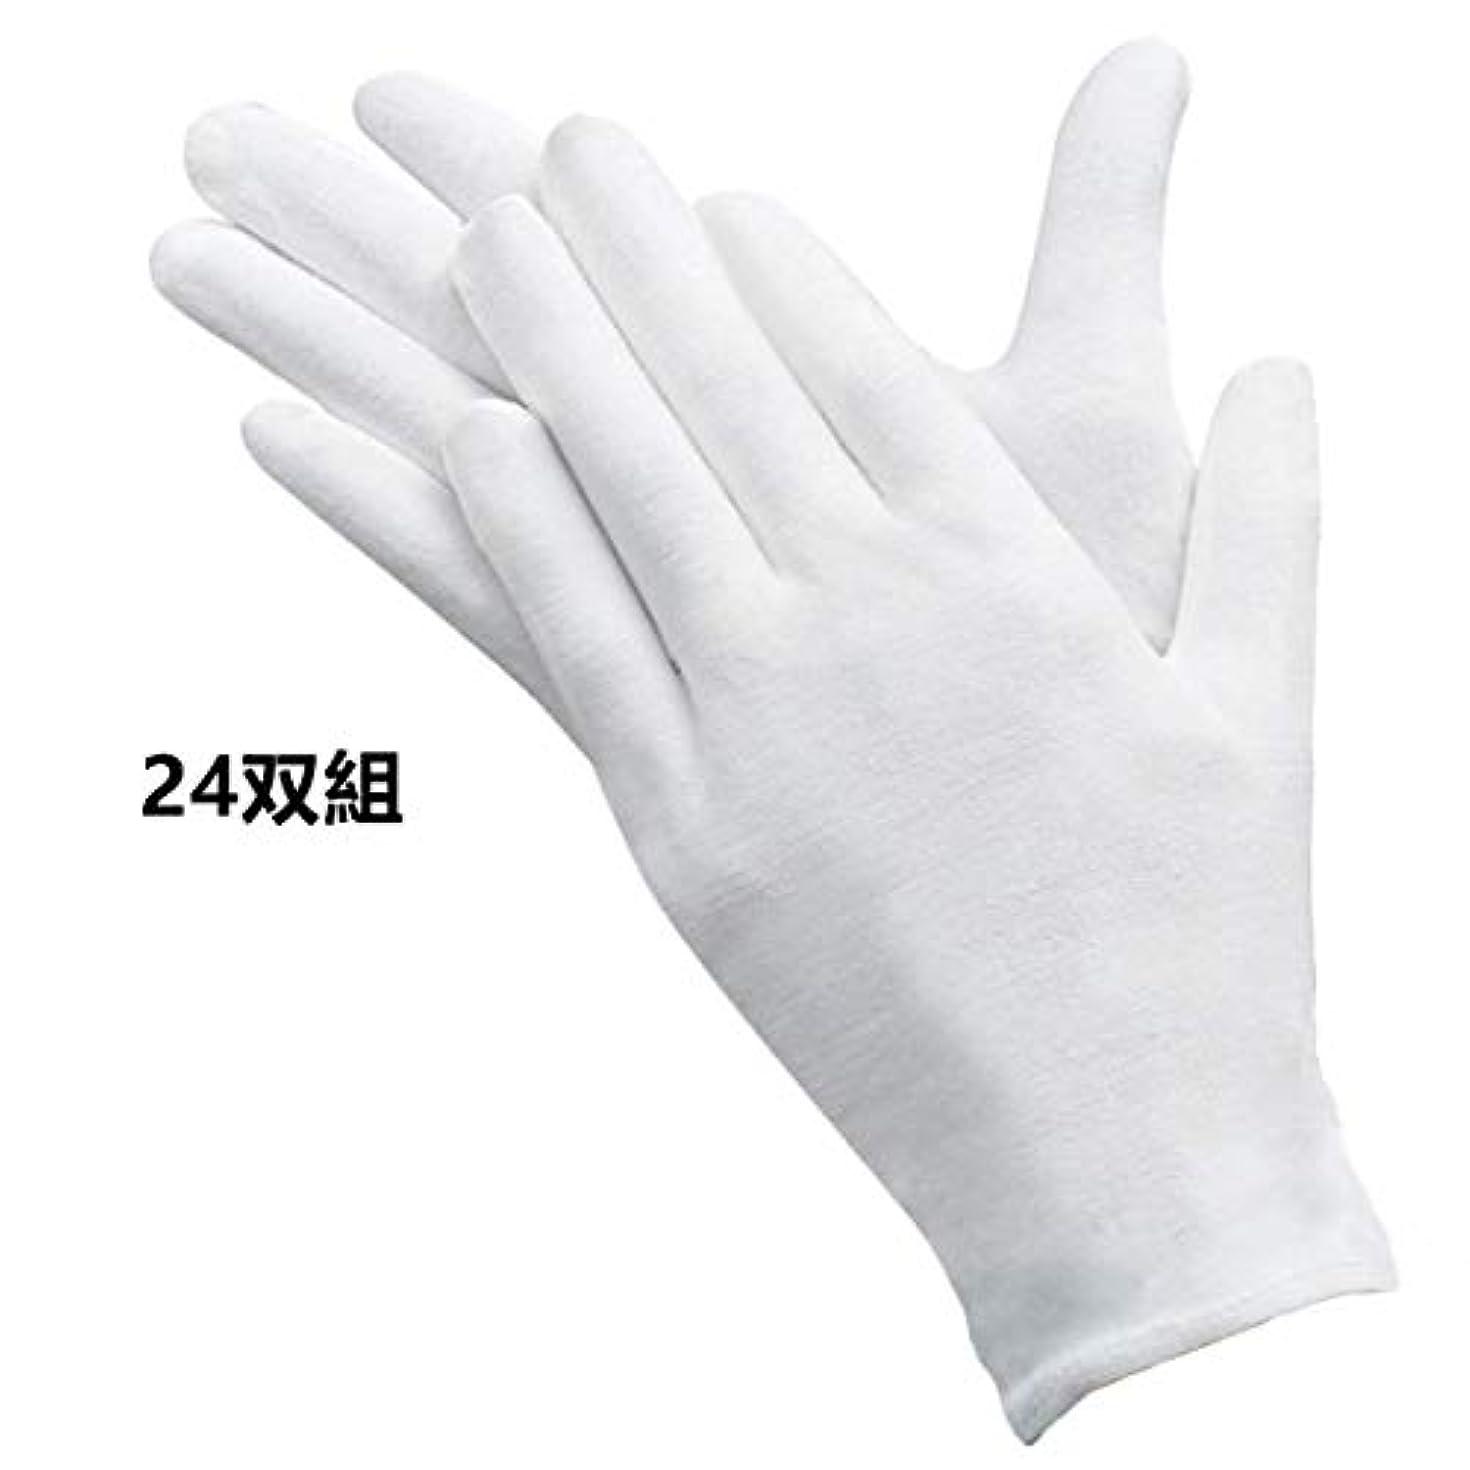 必要条件おいしいスカートwinkong 綿手袋 24双組入り Lサイズ 純綿100% ホワイト コットン手袋 白手袋 メンズ 手袋 レディース 手荒れ防止 おやすみ 湿疹用 乾燥肌用 保湿用 礼装用 作業用